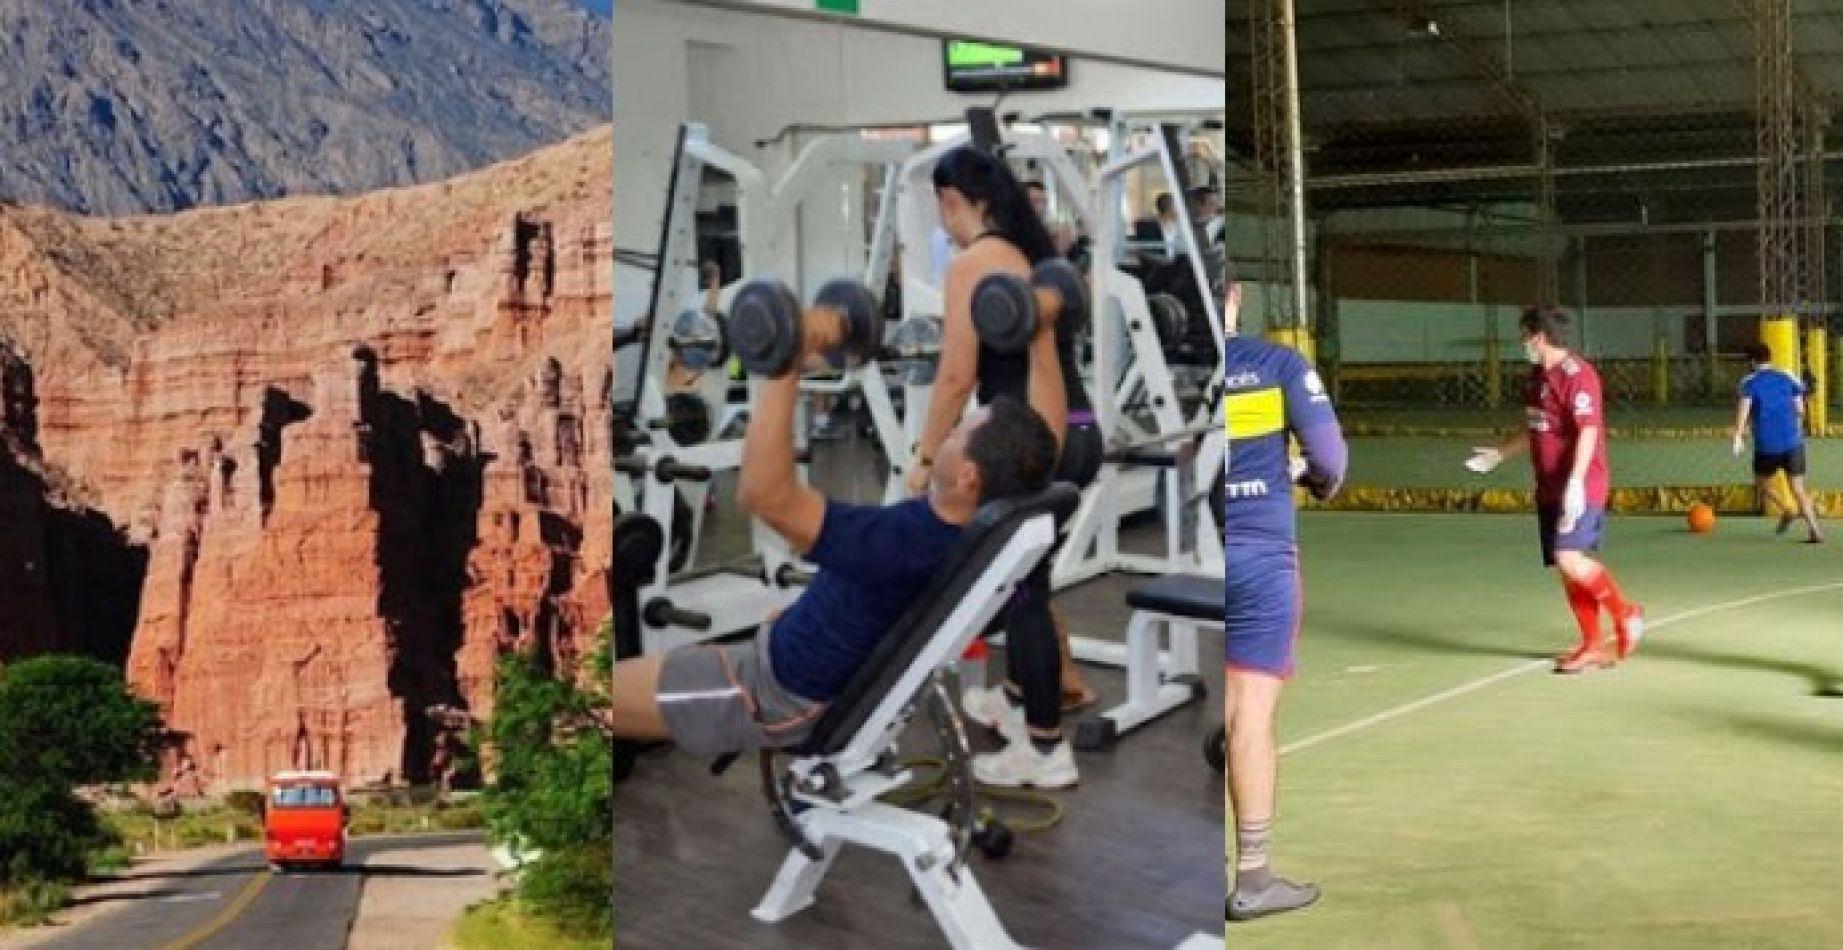 Turismo, gimnasios y deportes: enterate cómo funcionarán con las nuevas medidas